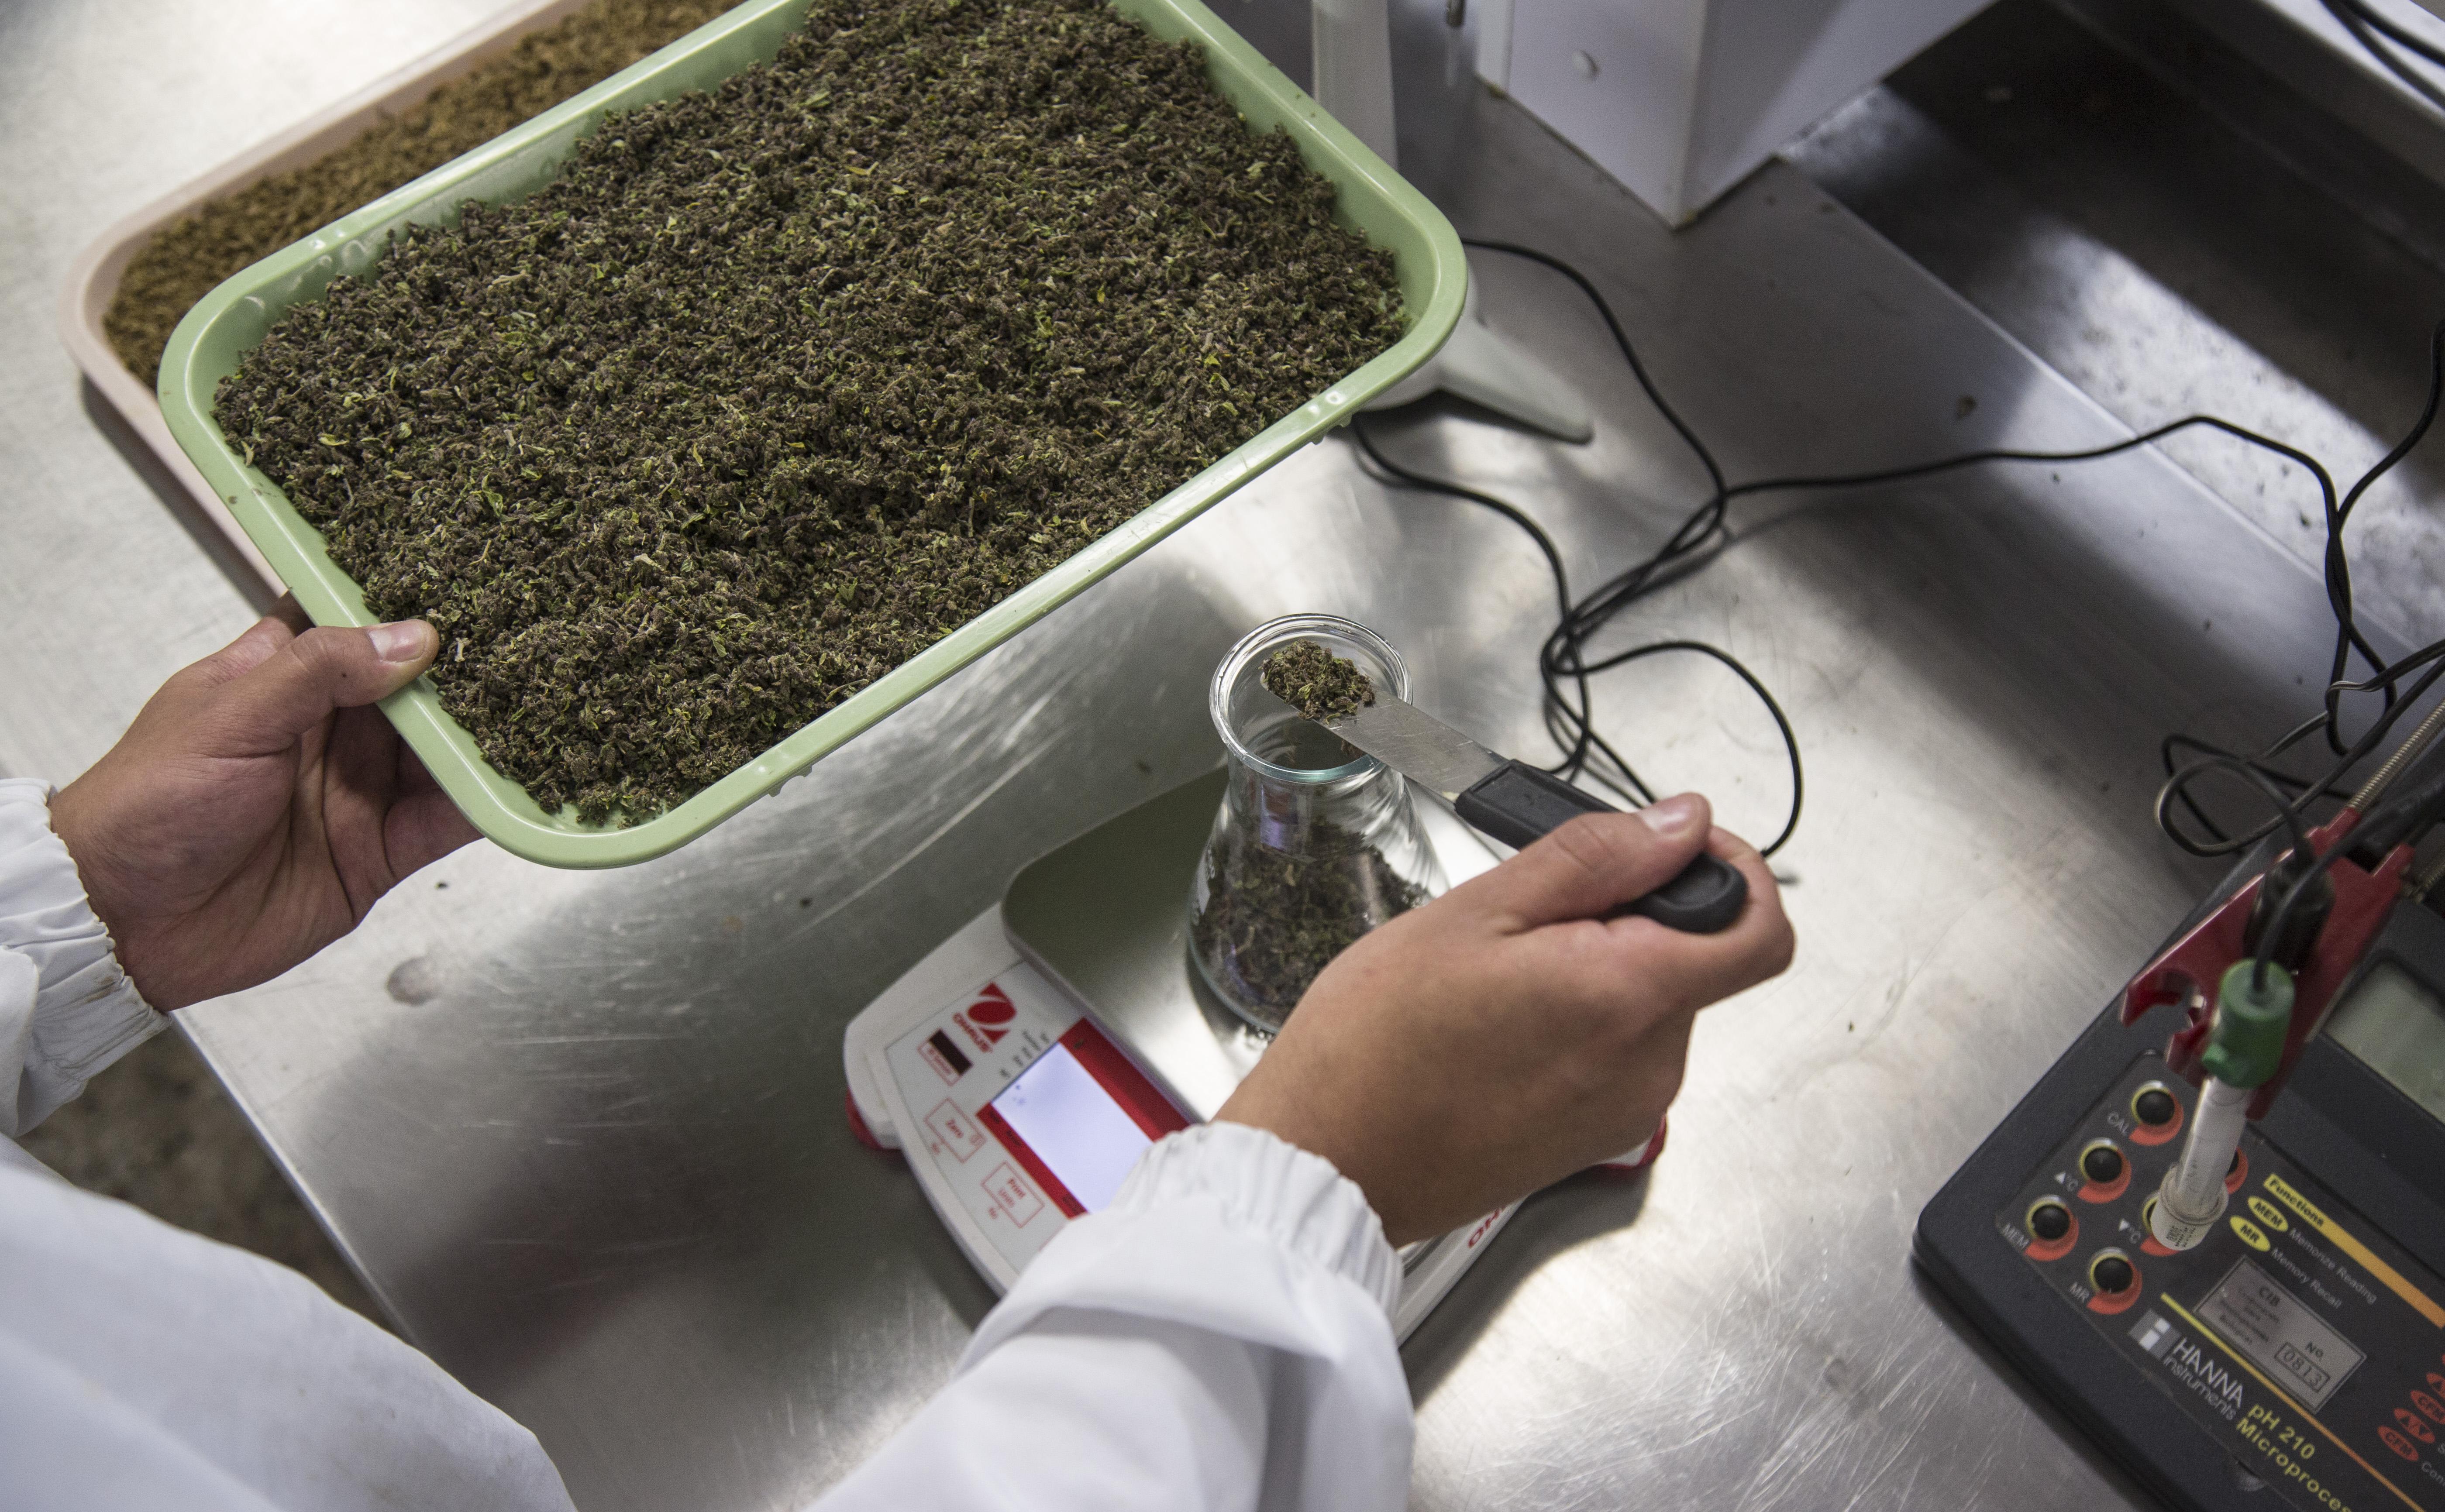 Destilación de cannabis en del Grupo Interdisciplinario de Estudios Moleculares de la Universidad de Antioquia. Foto: Juan Fernando Ospina.